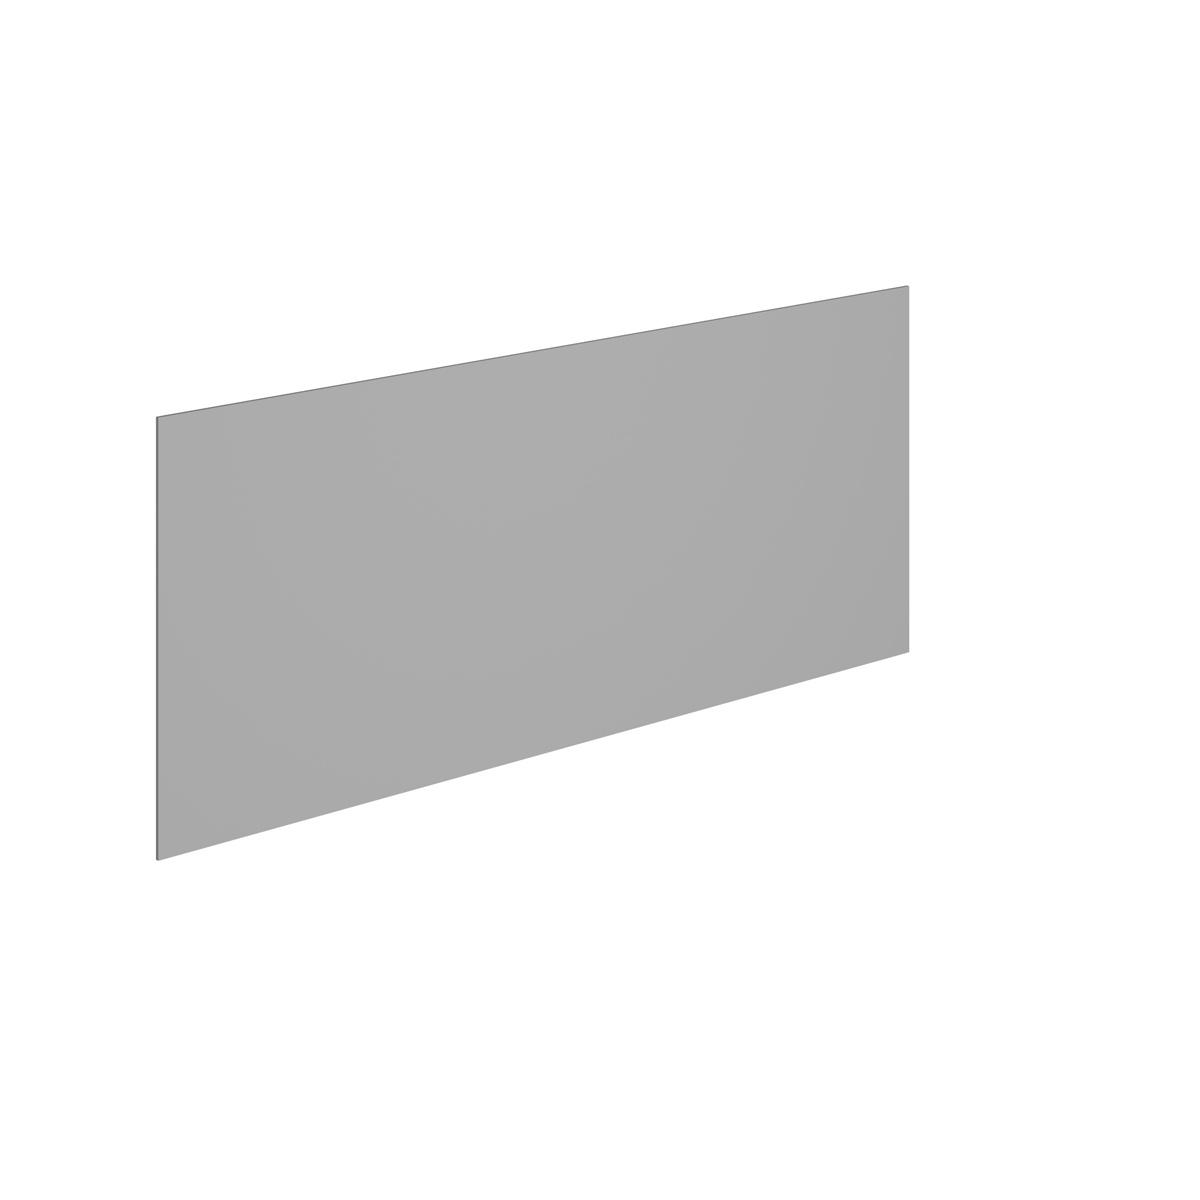 PHORMA Spiegel 120x50 cm